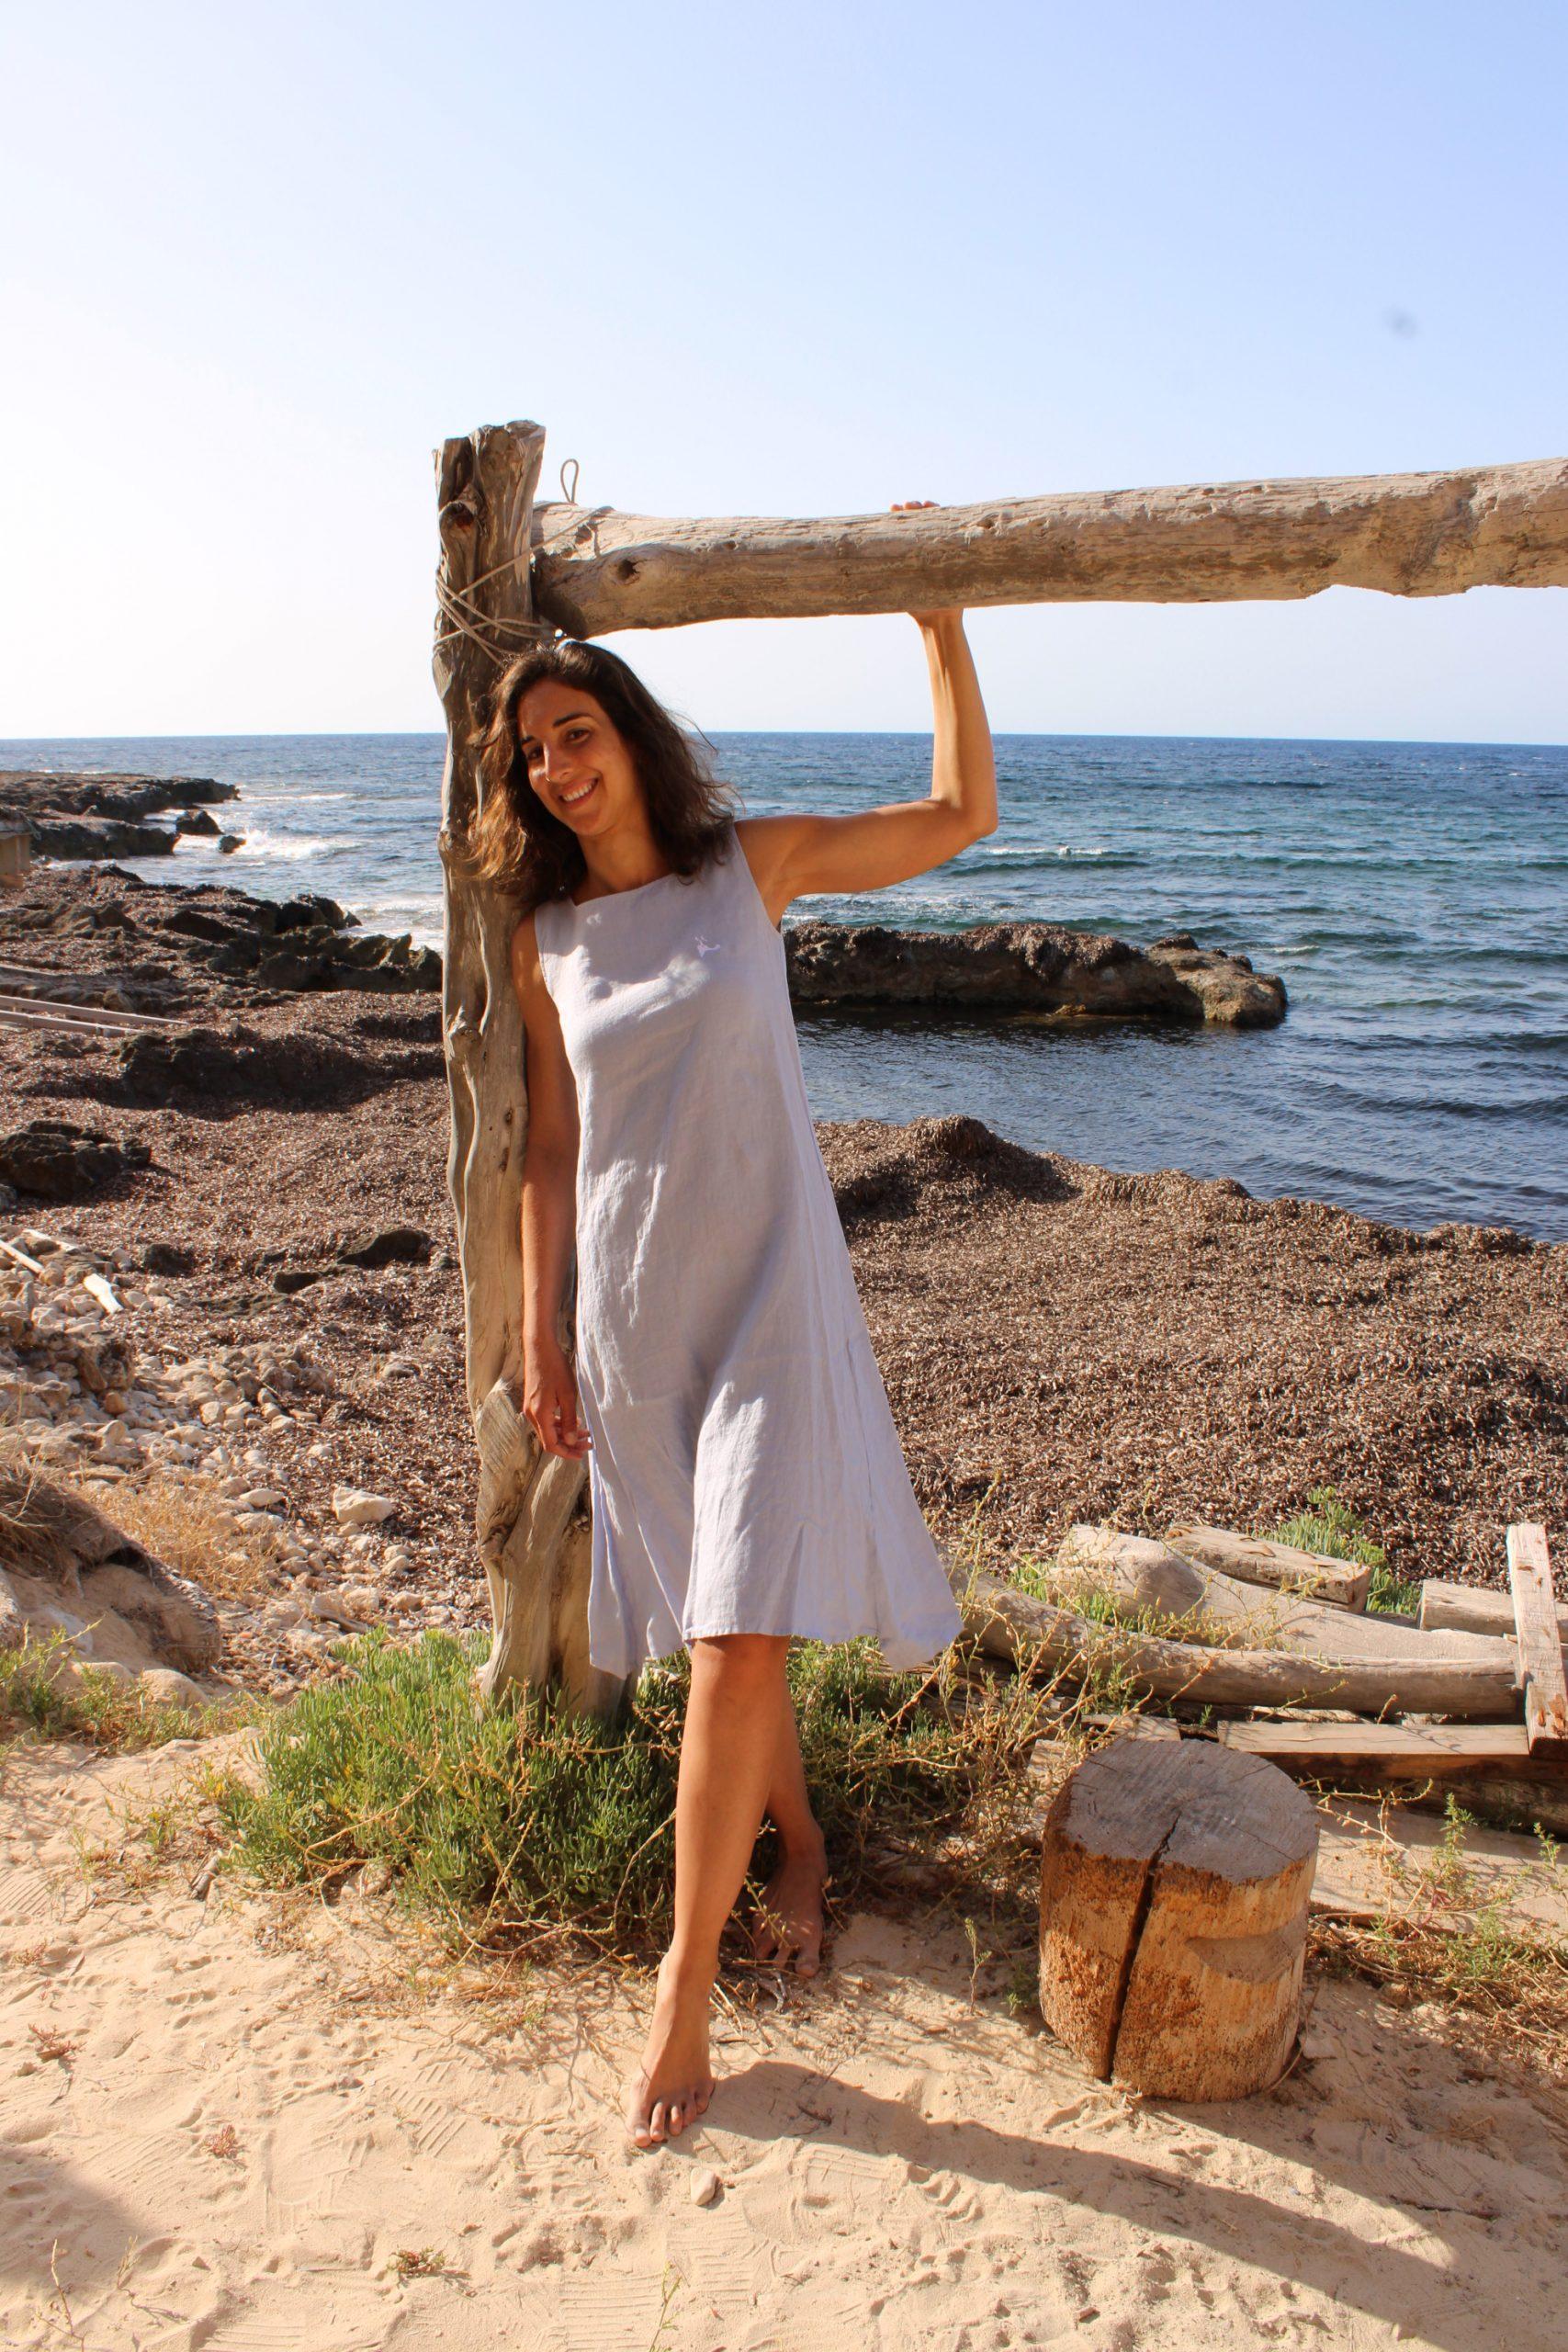 Vestido insula lino